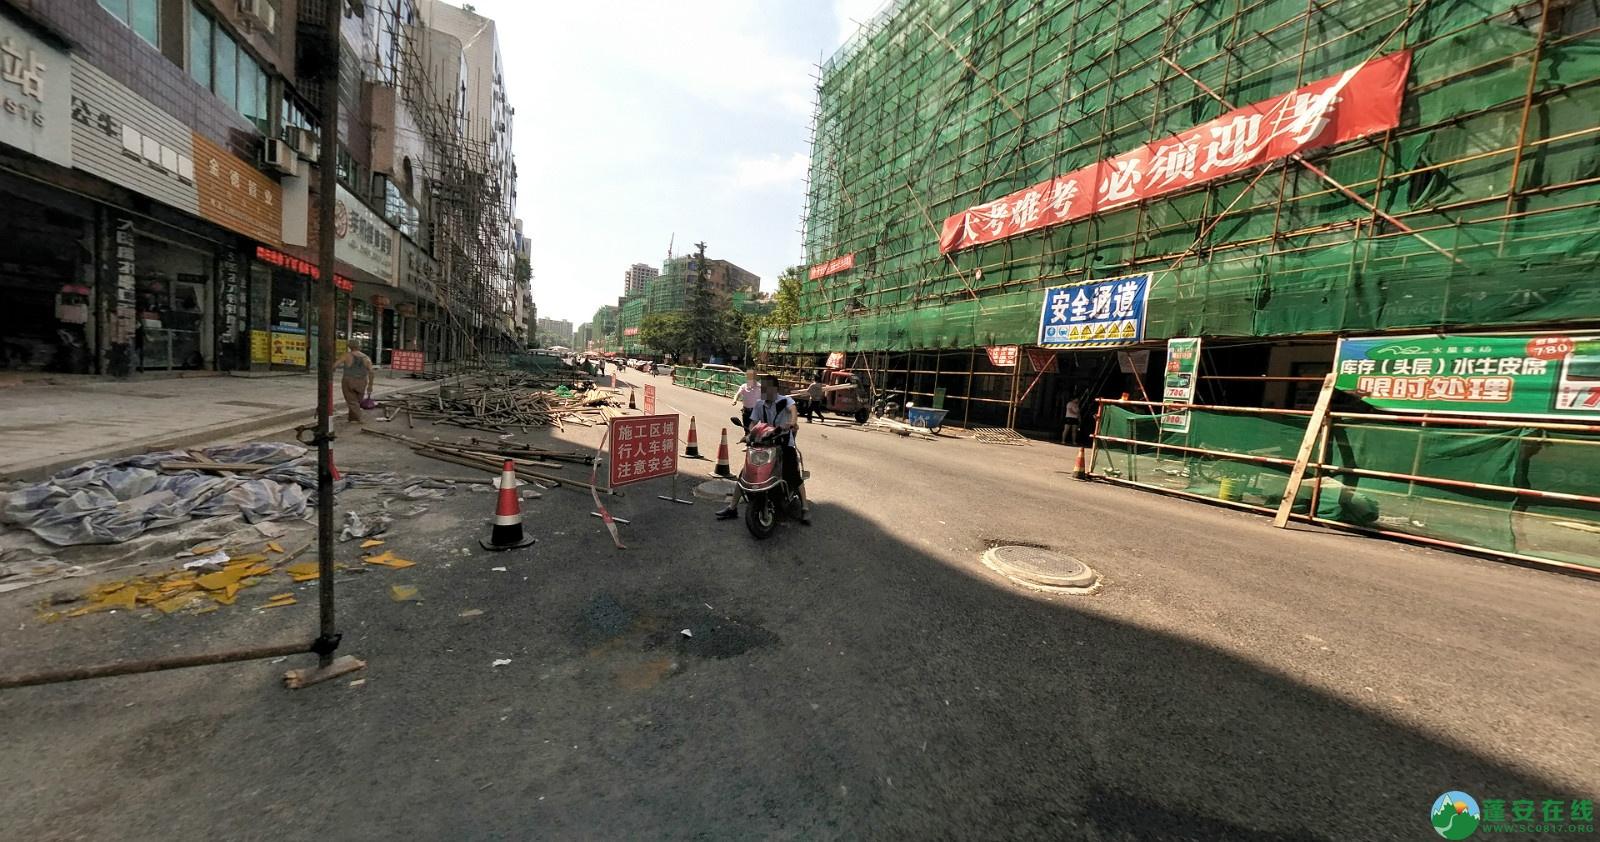 蓬安建设路改造进展(2020-08-05) - 第4张  | 蓬安在线